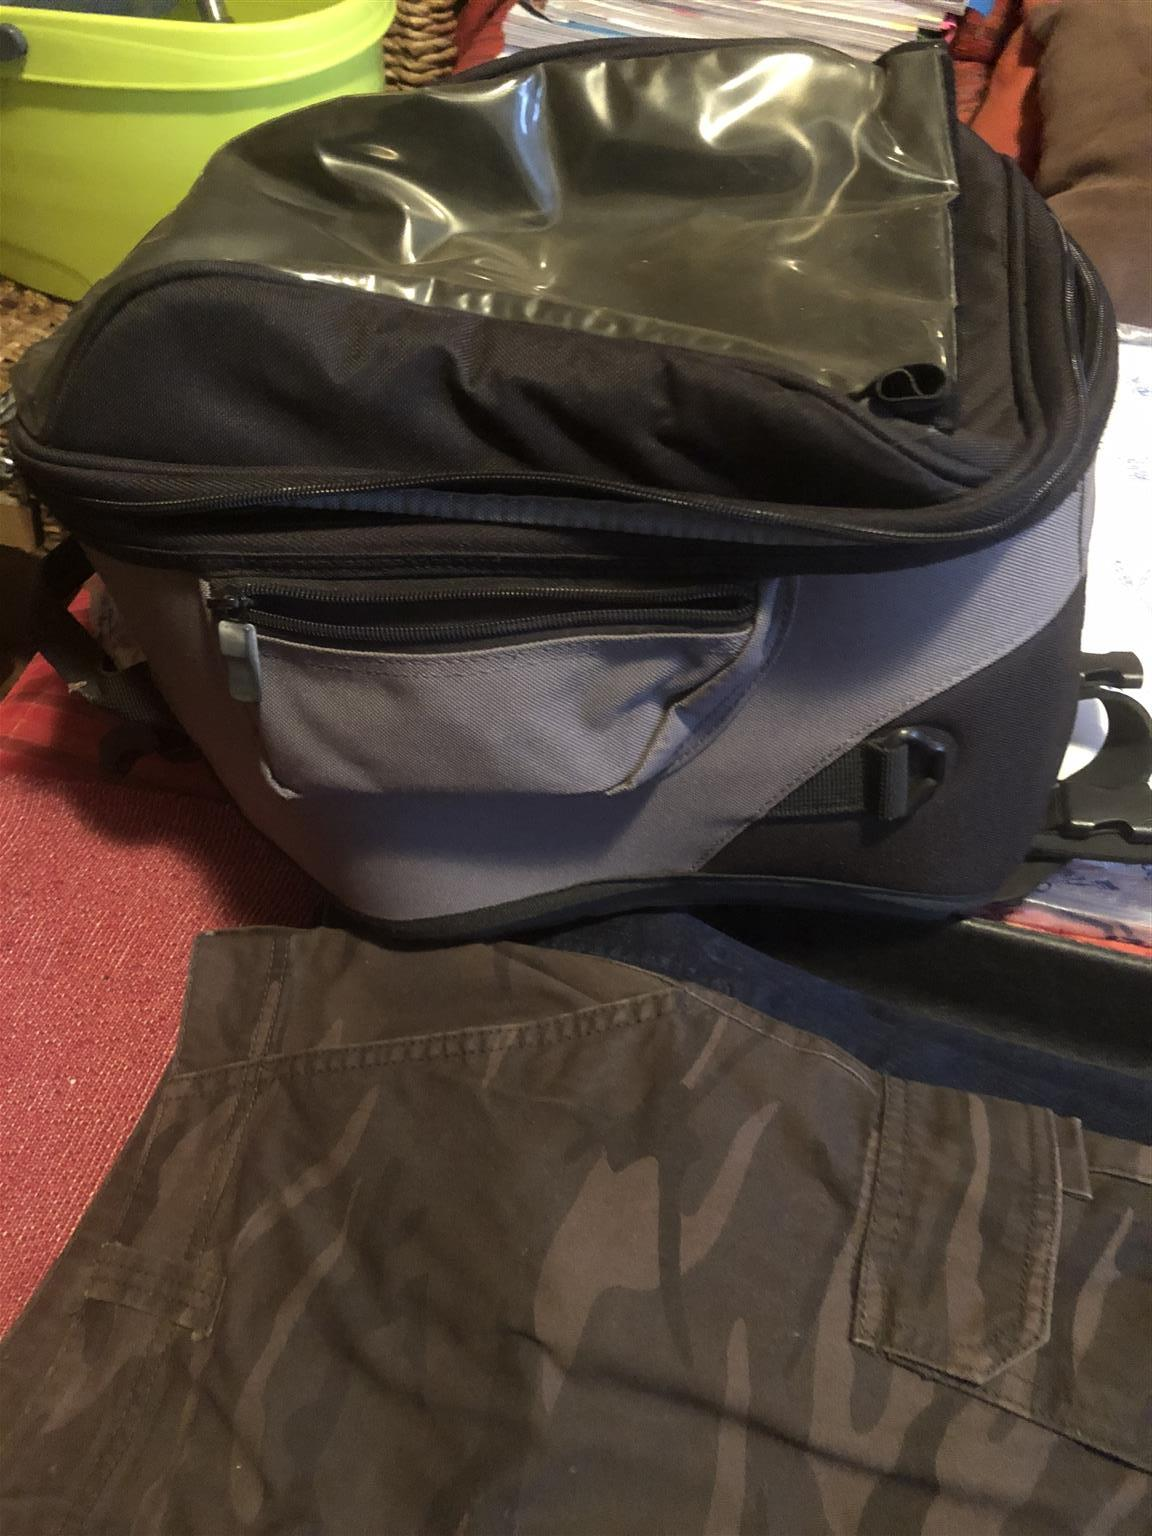 BMW tank bag